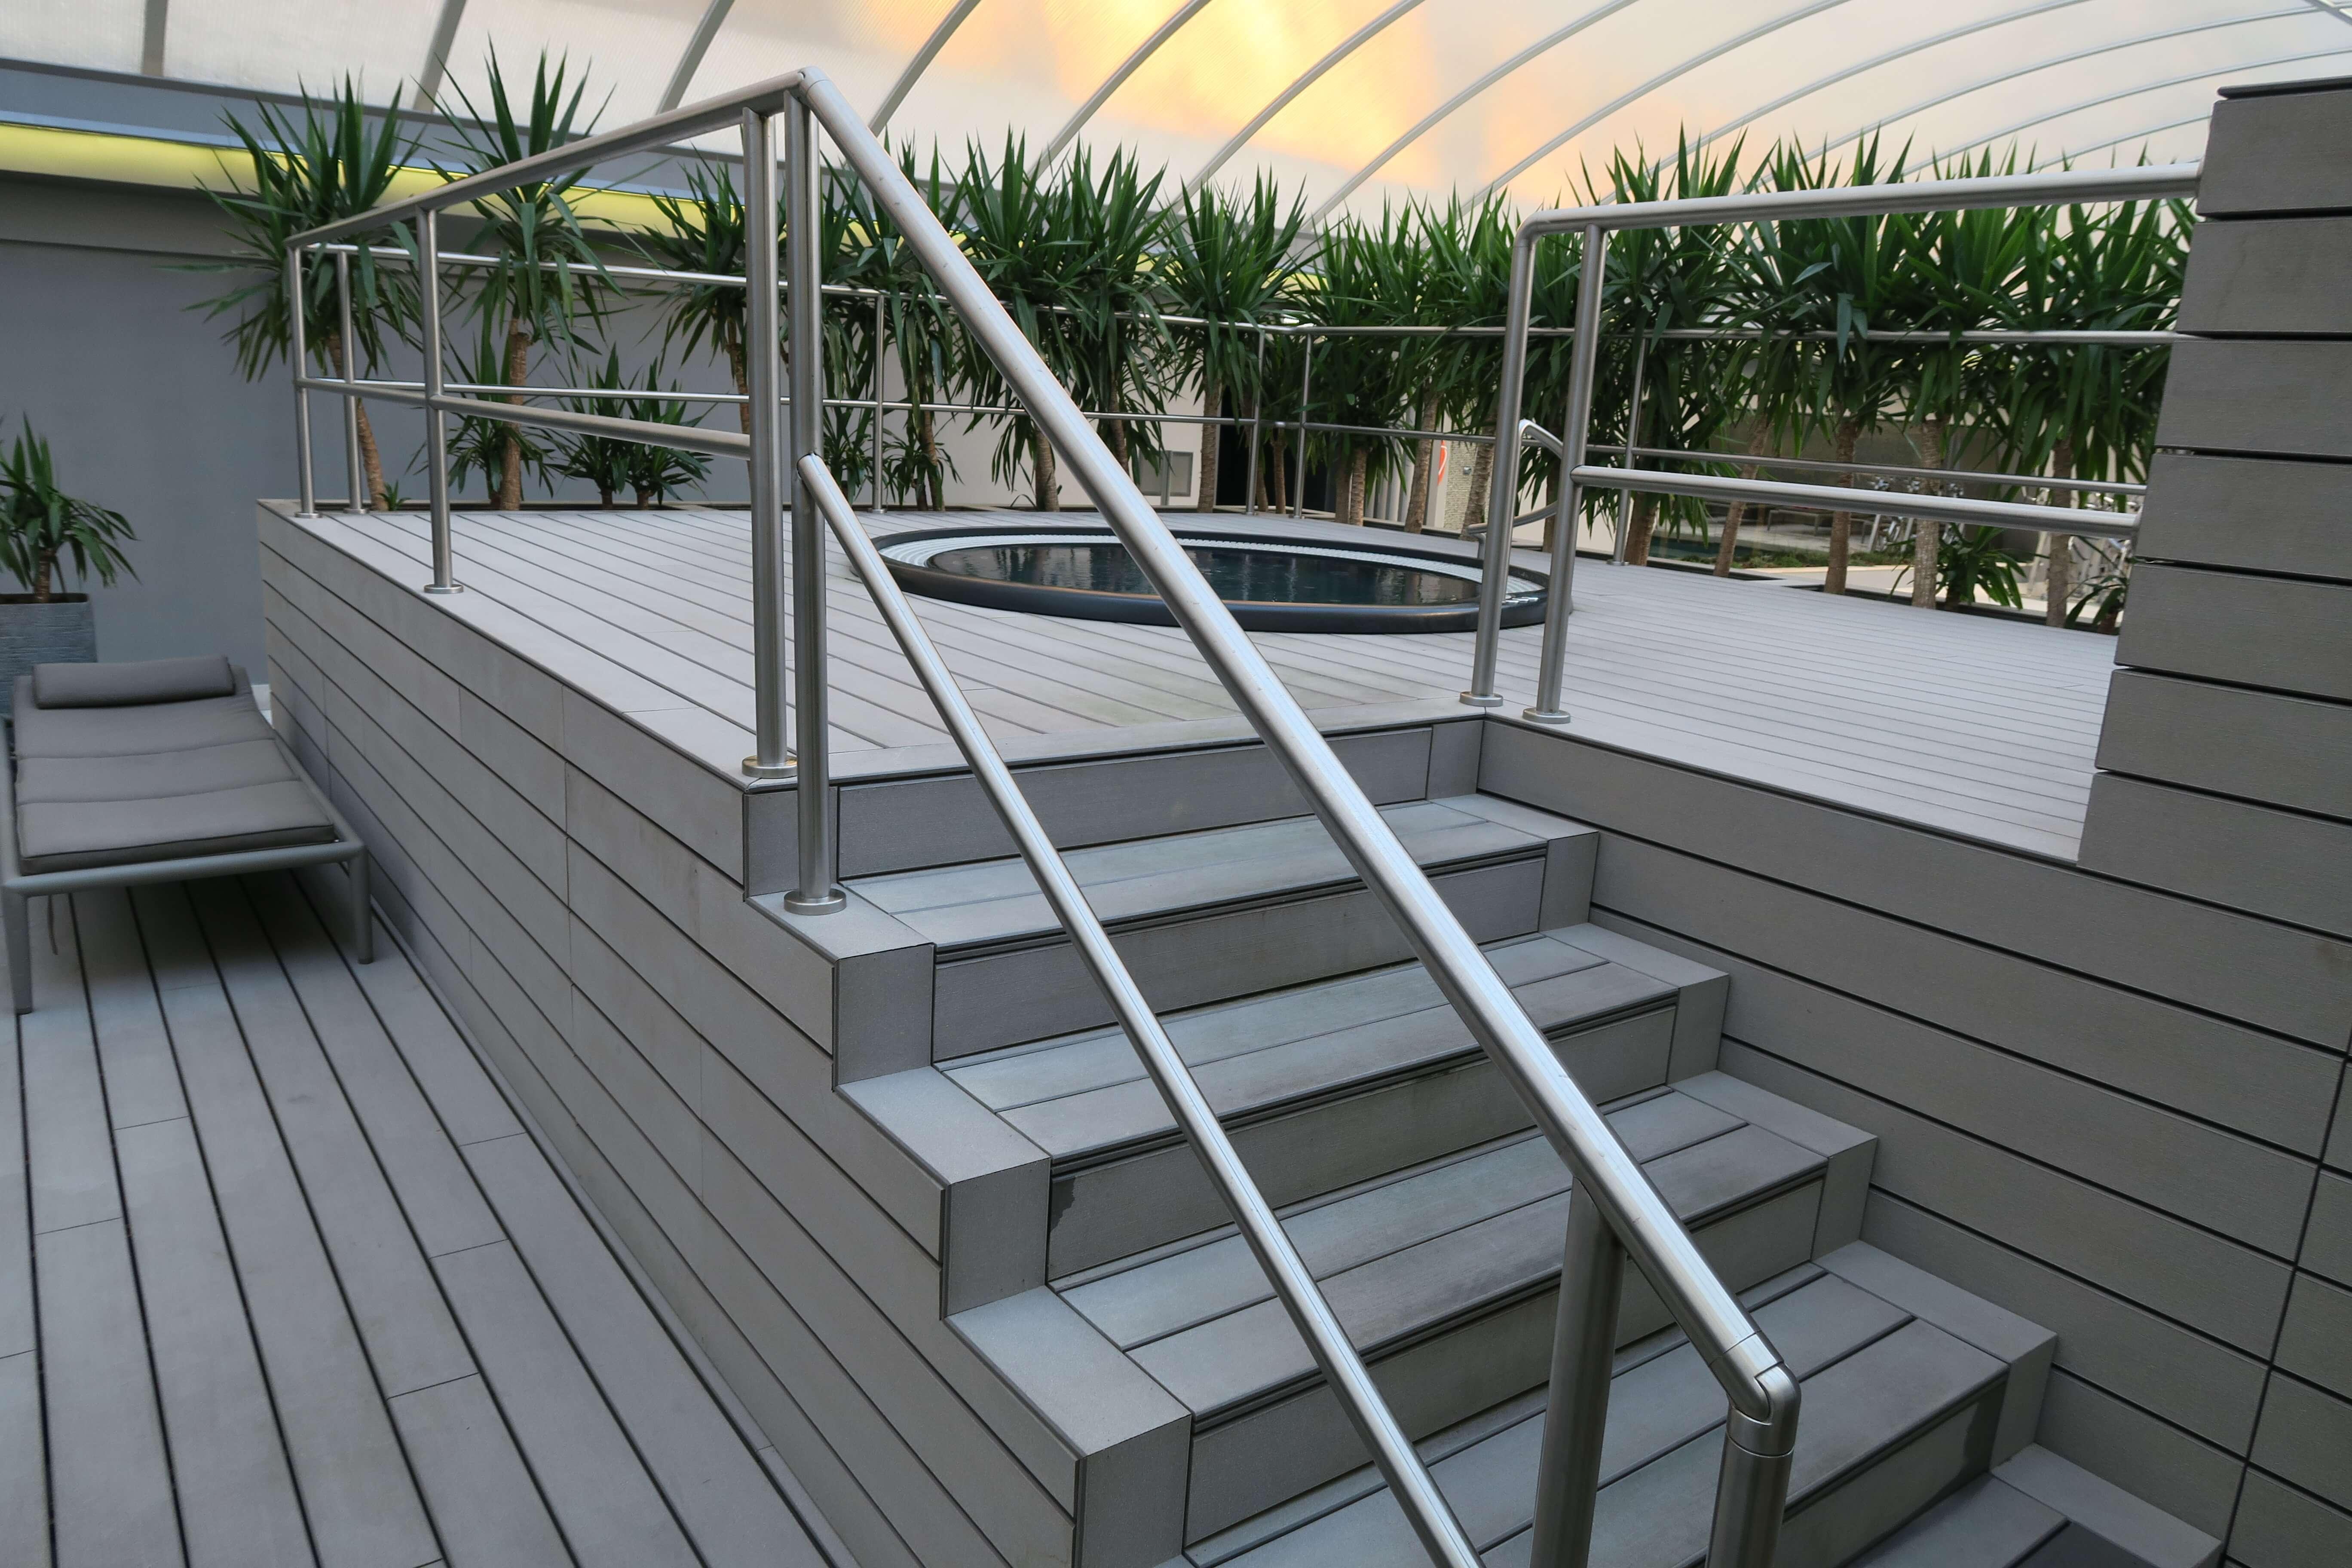 Terrazas cubiertas los mdicos denuncian que las terrazas - Cubiertas para terrazas ...